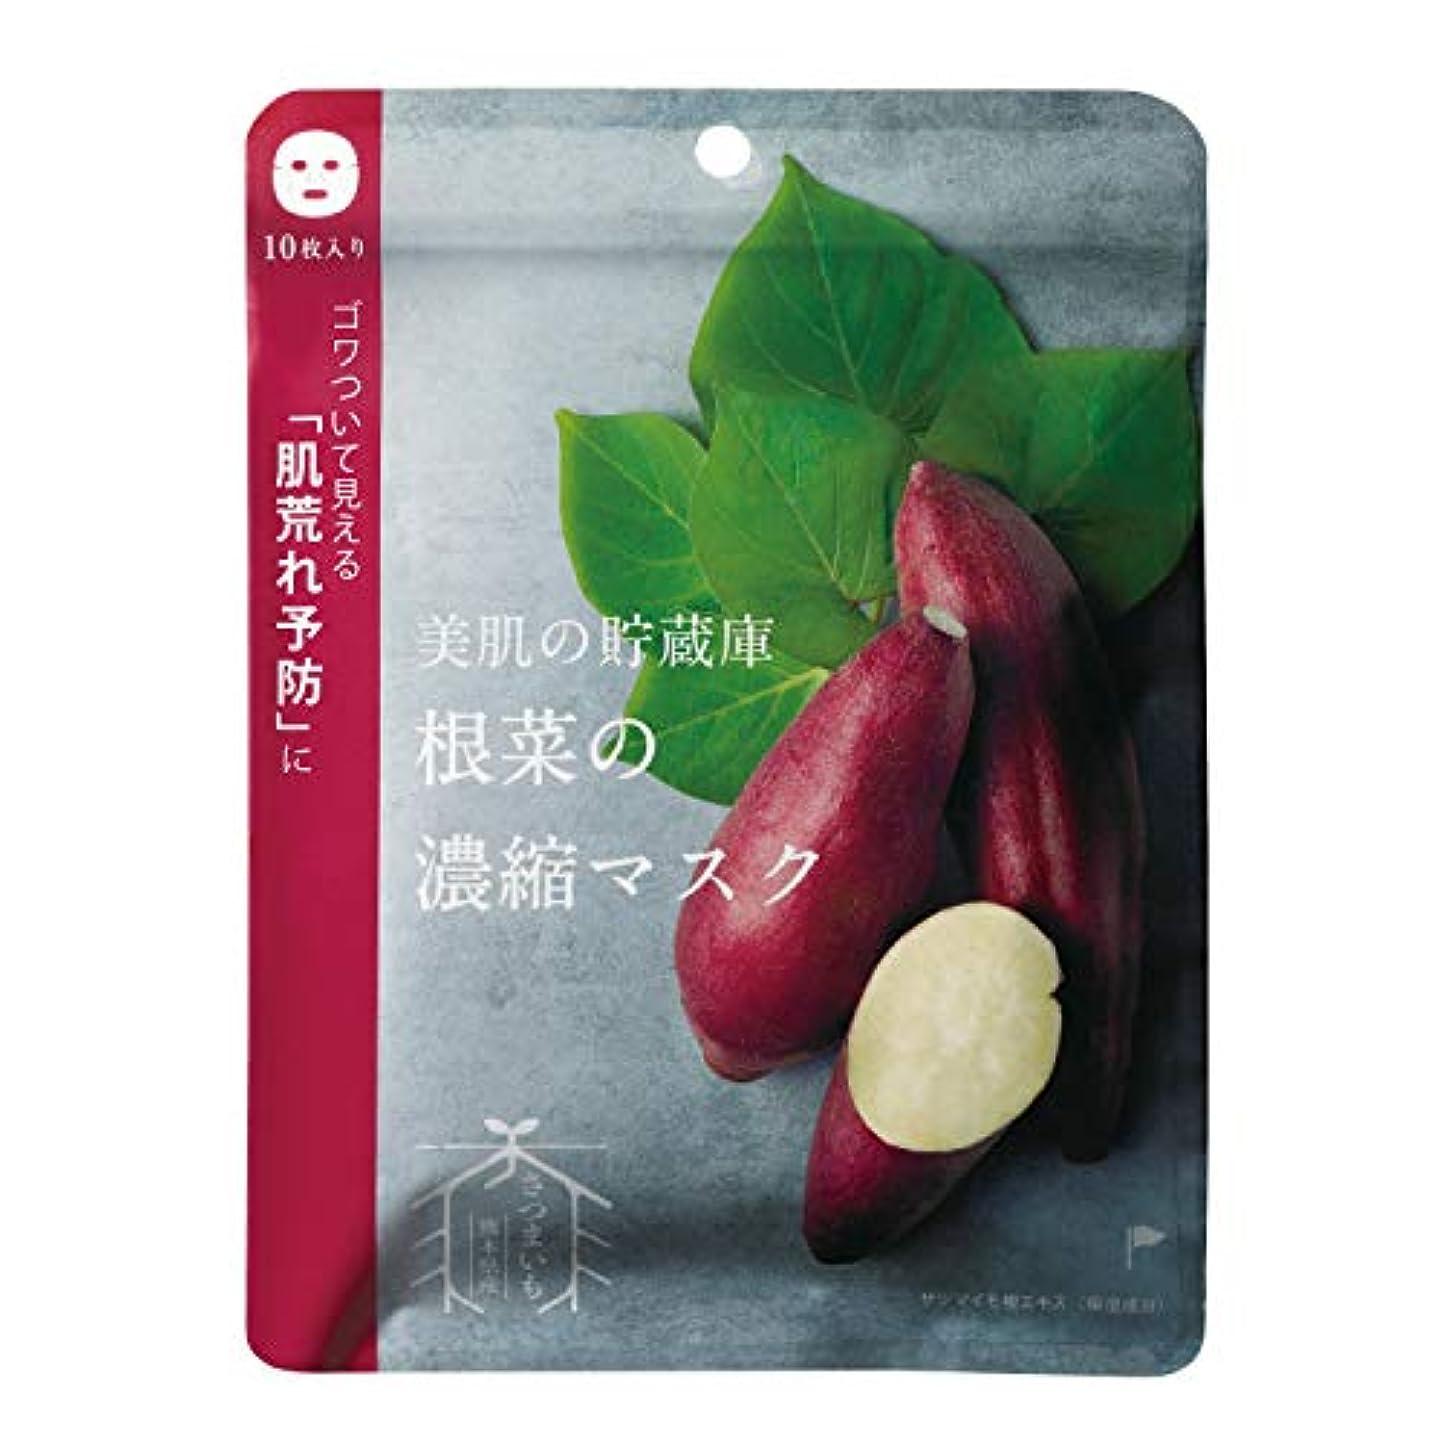 タンカー損失不利@cosme nippon 美肌の貯蔵庫 根菜の濃縮マスク 安納いも 10枚 160ml